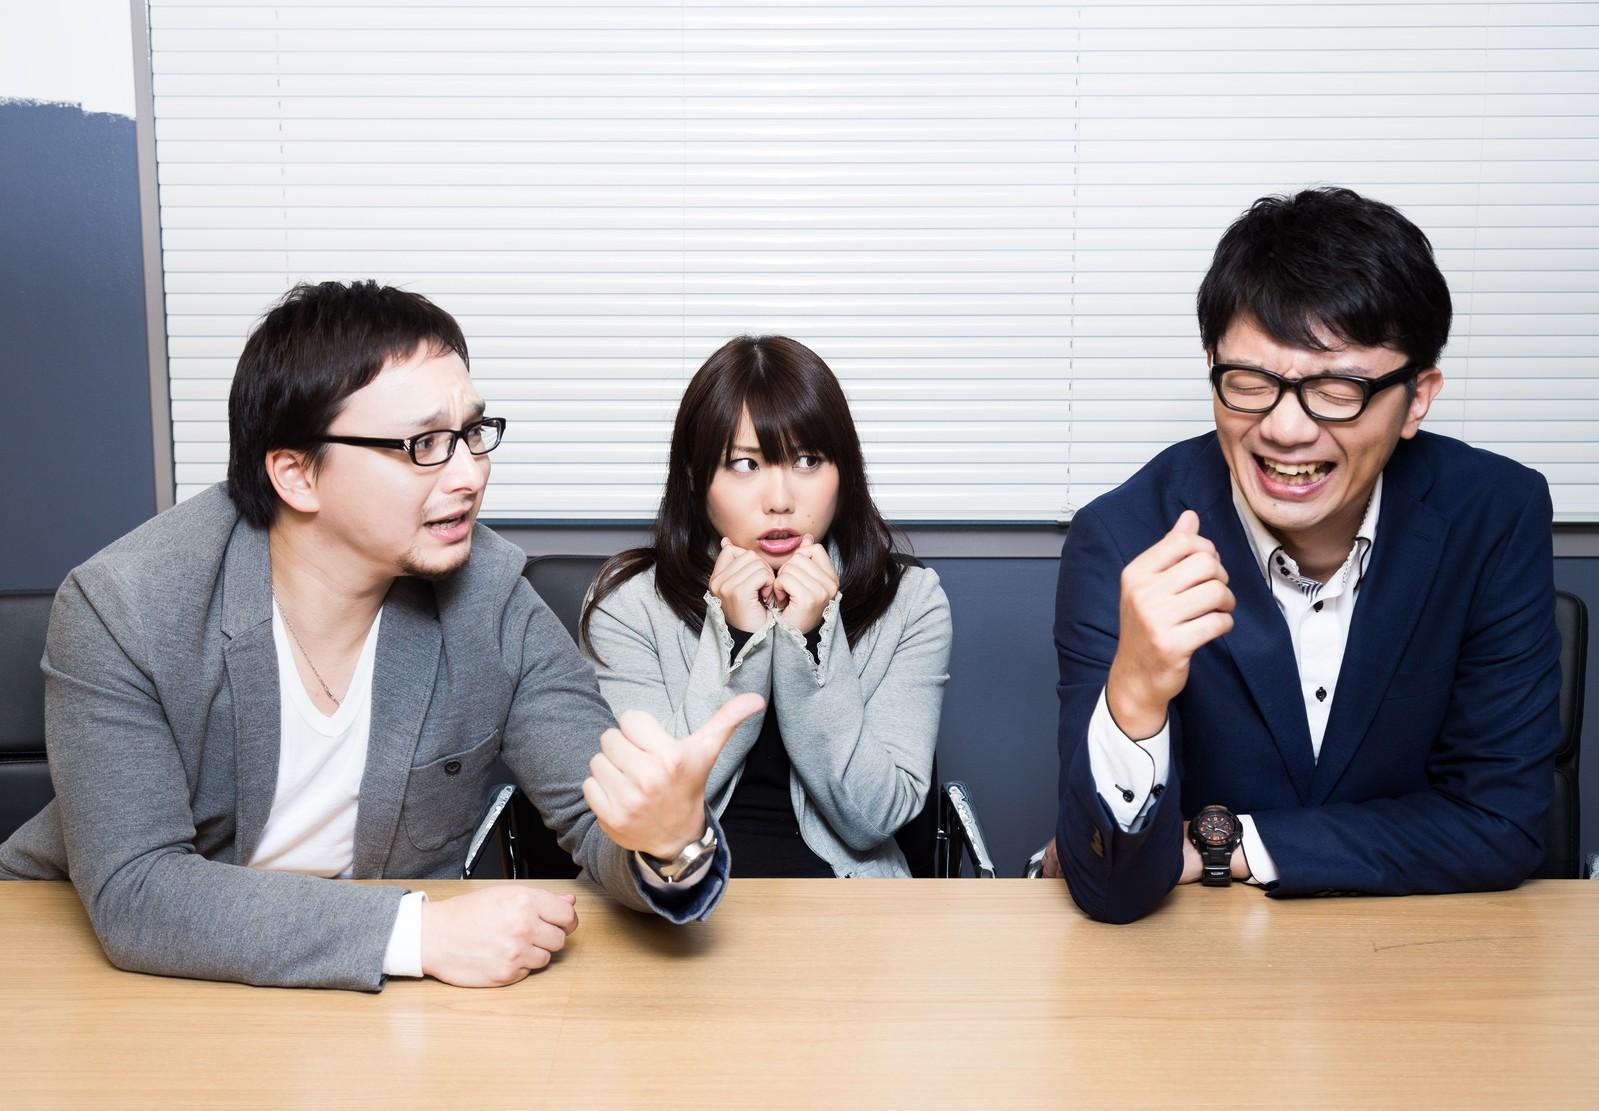 昼職でよく使われるビジネス用語10選